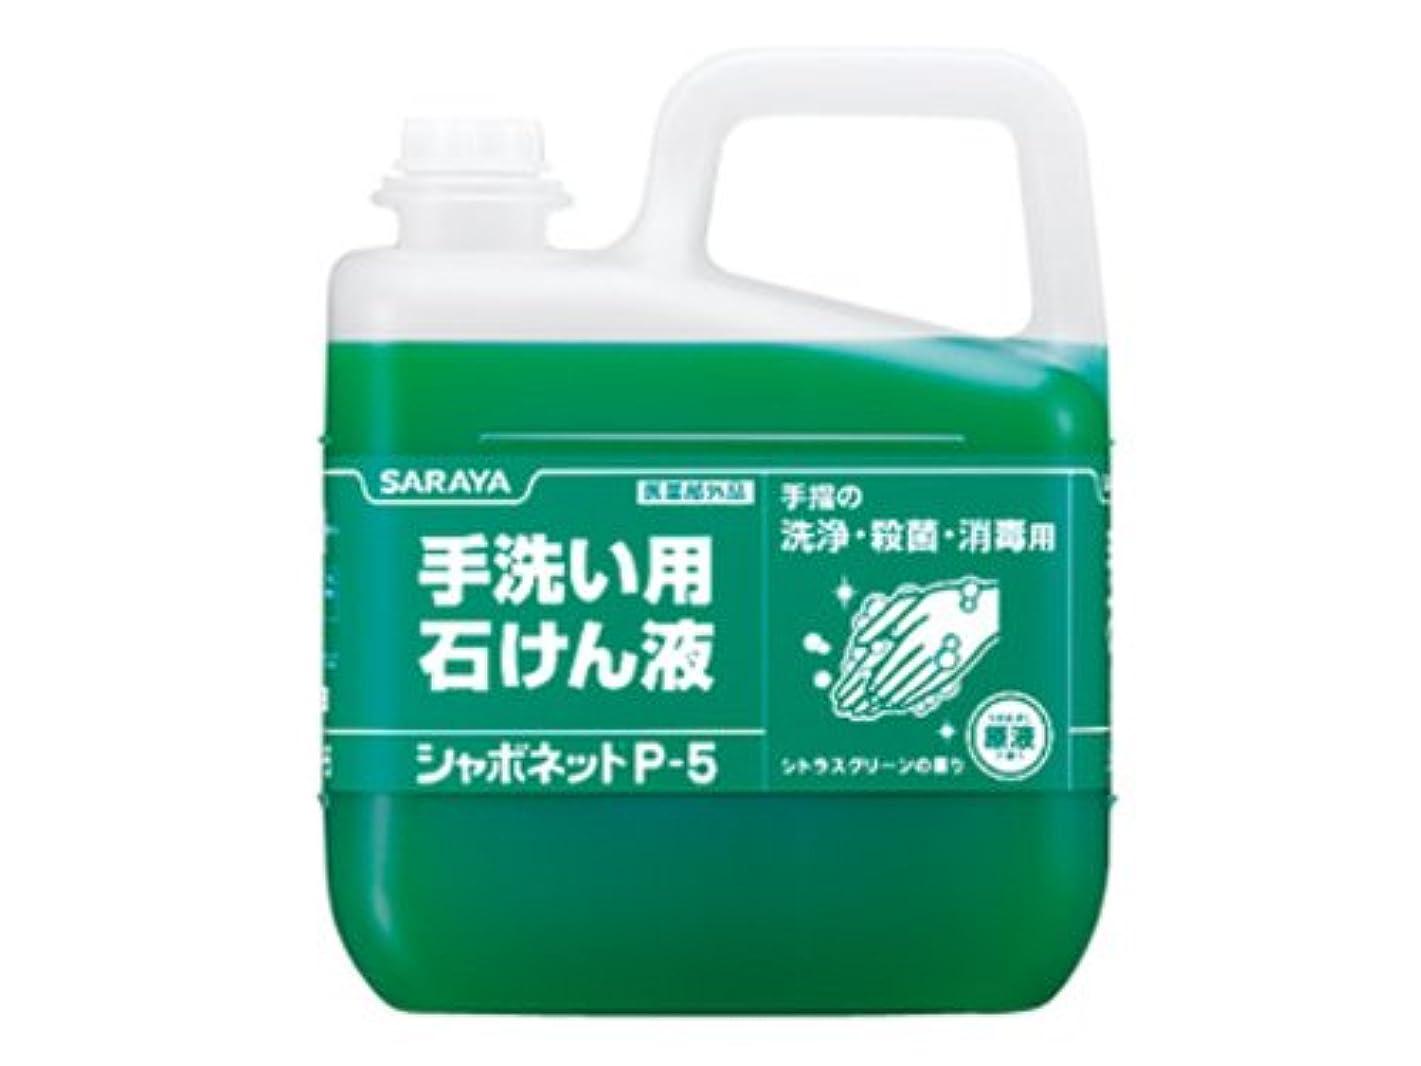 脅かす儀式週間業務用ハンドソープ サラヤ シャボネット石鹸液P-5 5kgX3本入り